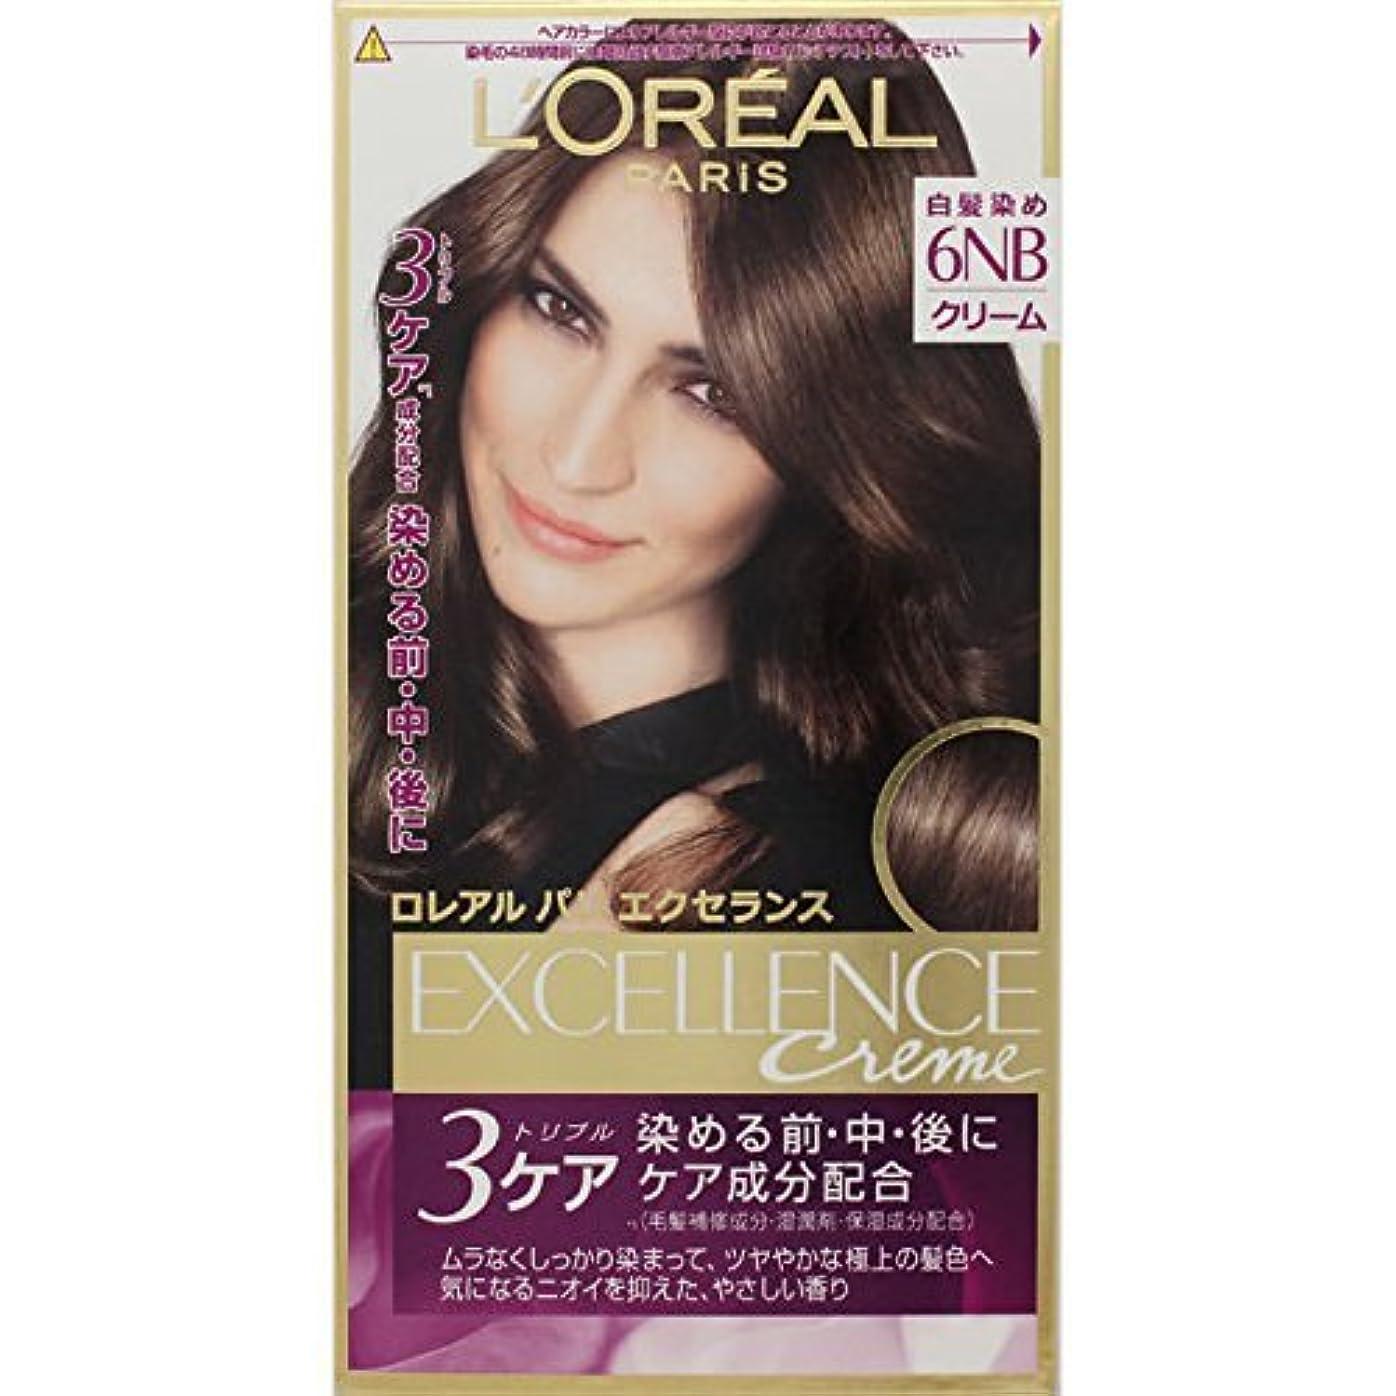 ナサニエル区ジレンマ薬を飲むロレアル パリ ヘアカラー 白髪染め エクセランス N クリームタイプ 6NB やや明るい自然な栗色